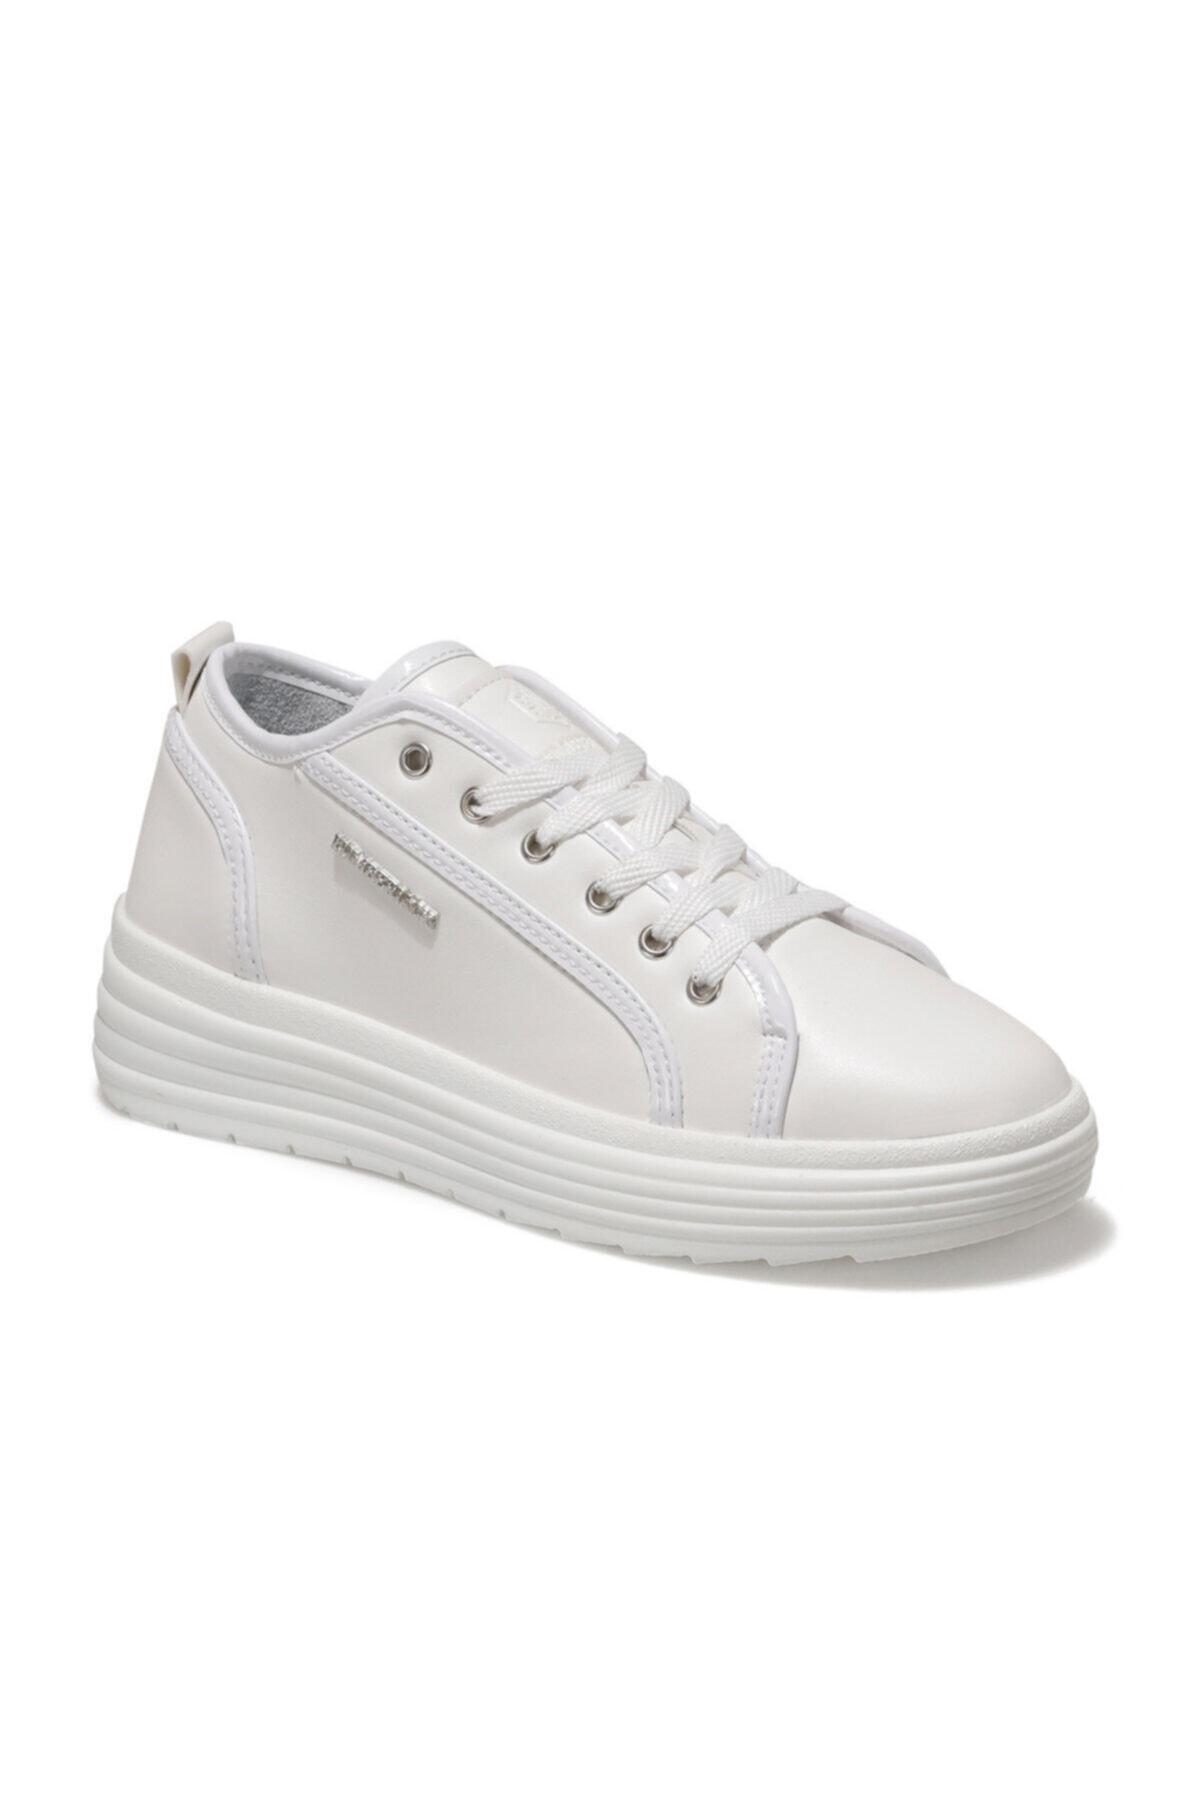 lumberjack BELLERO Beyaz Kadın Sneaker Ayakkabı 100556874 1